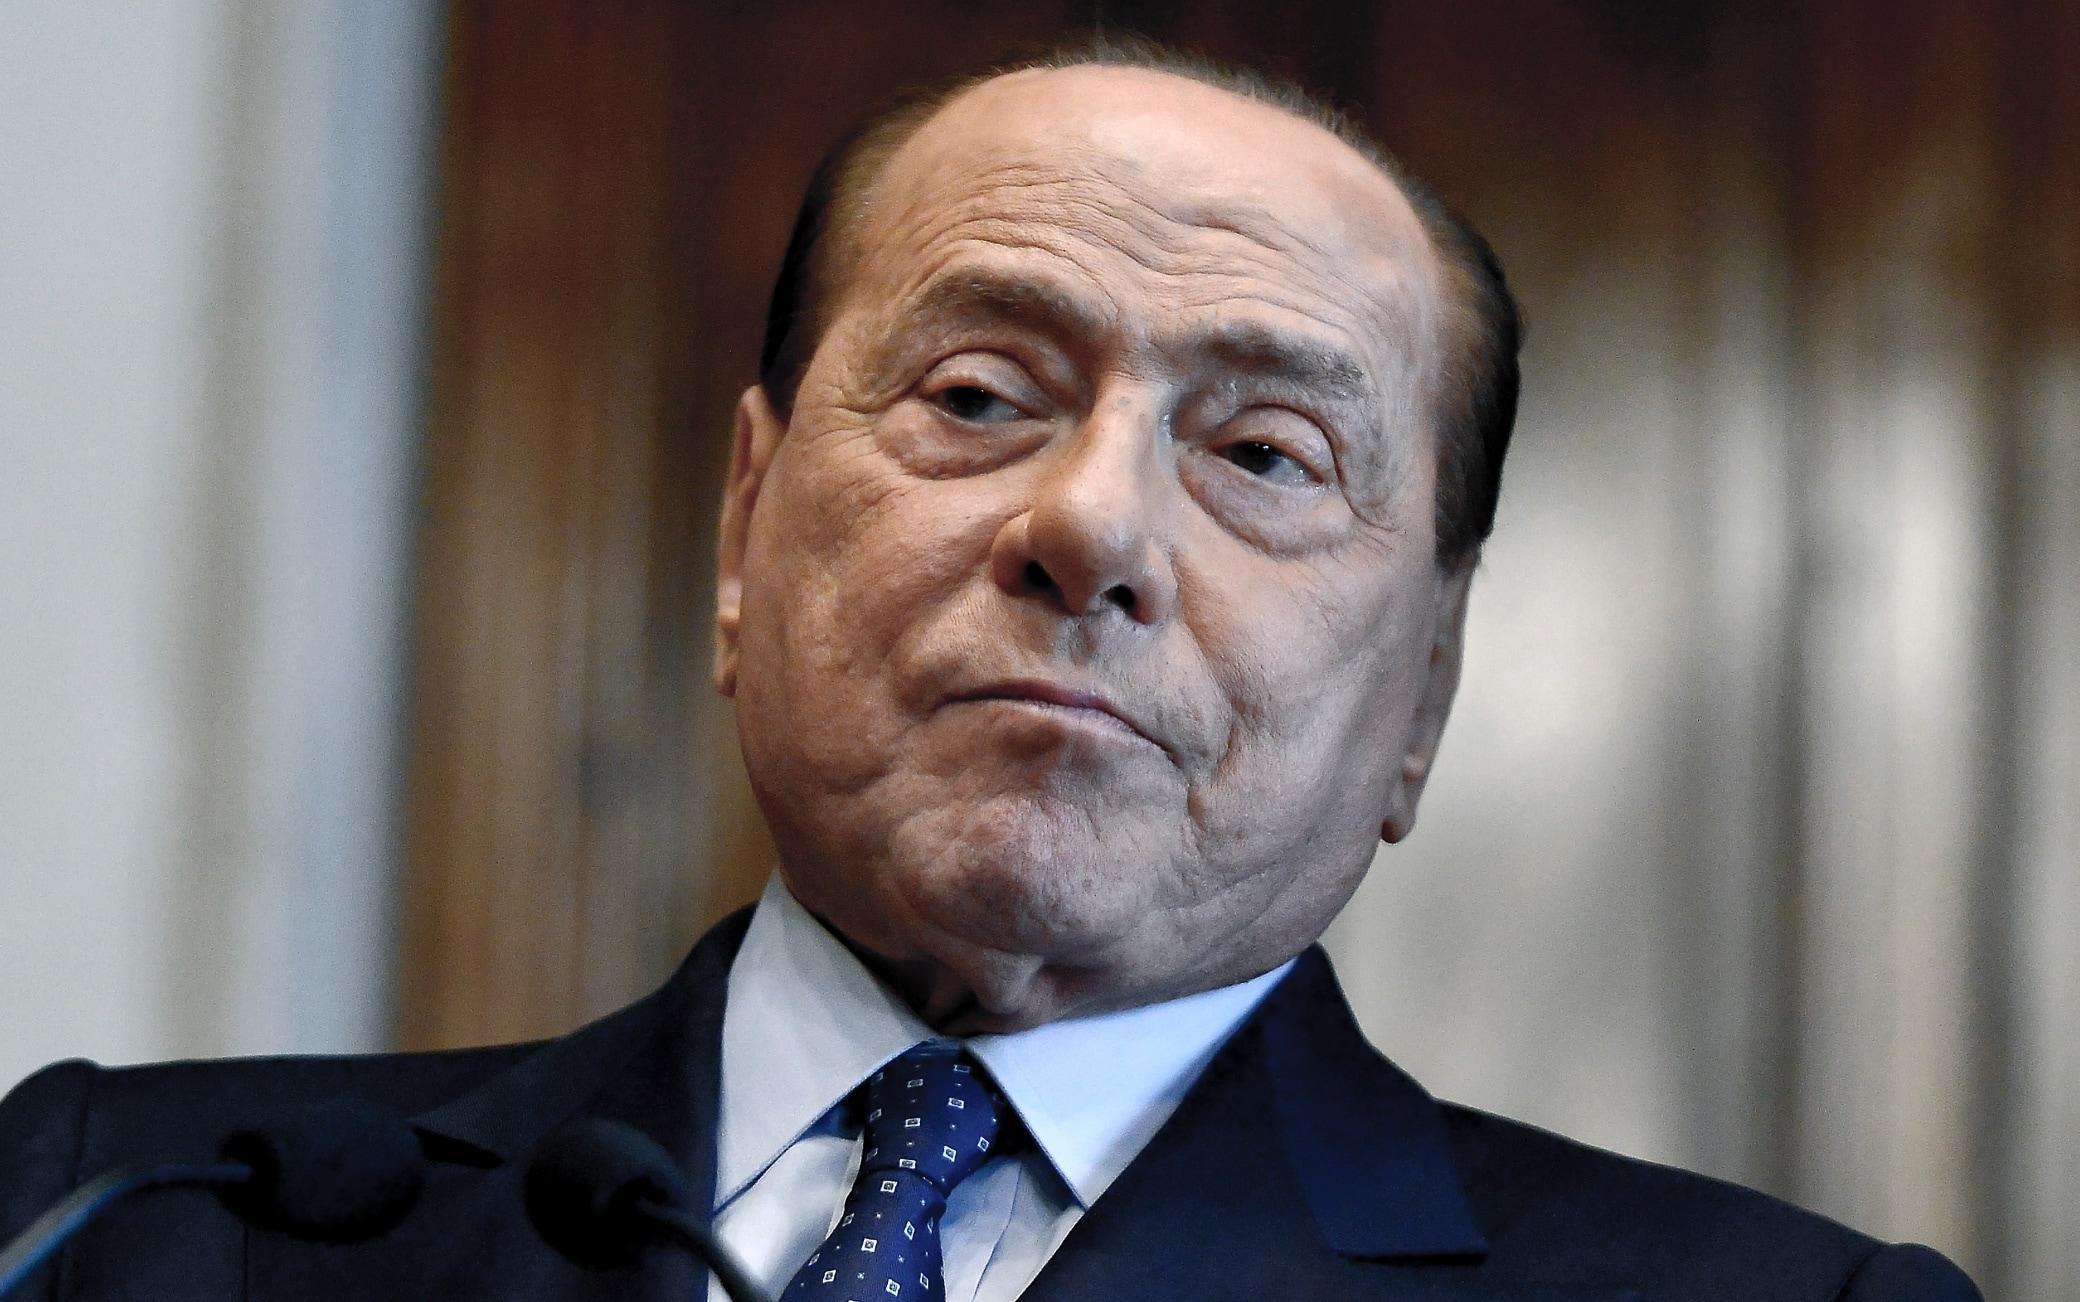 Processo Ruby ter, legittimo impedimento motivi salute di Berlusconi